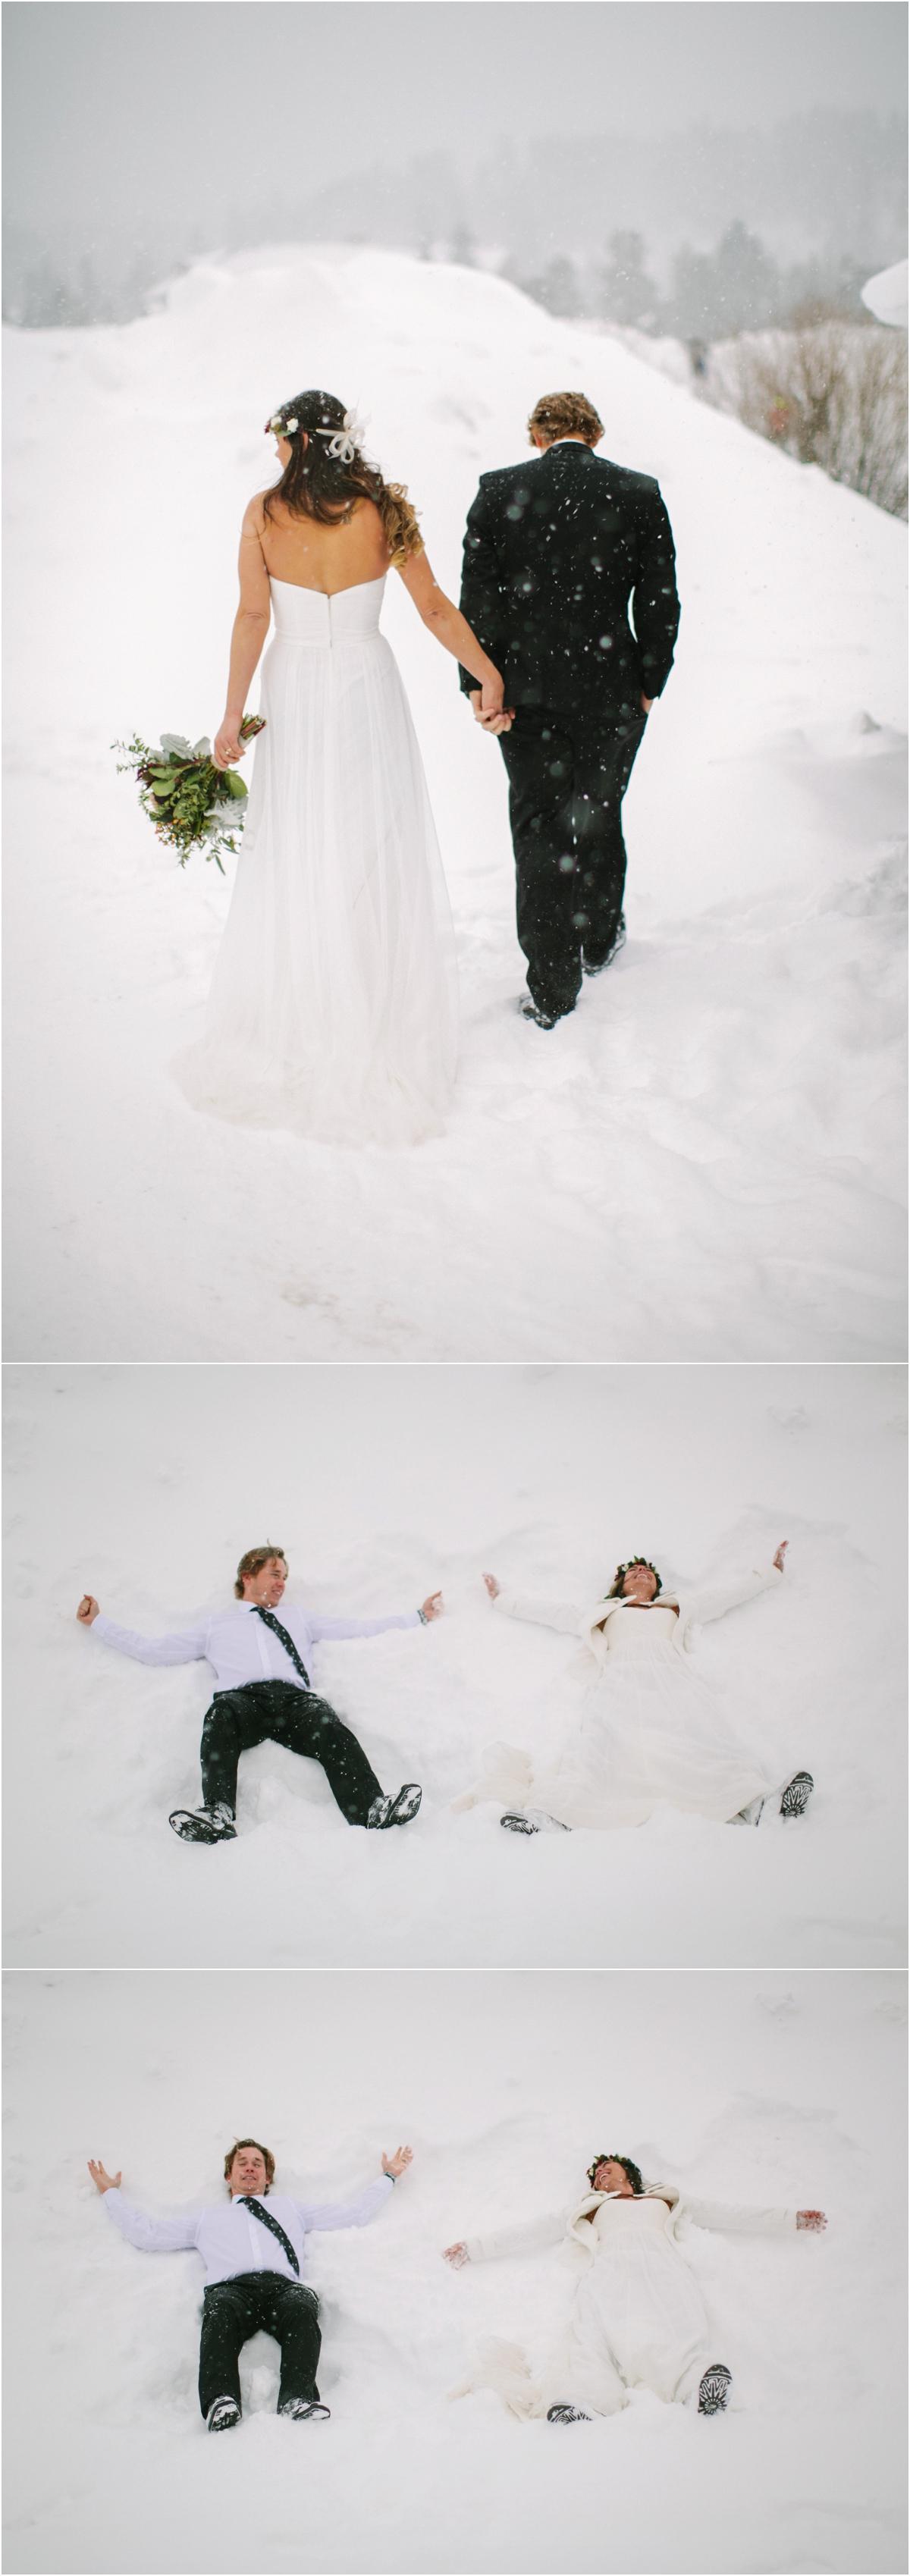 Breckinridge_Colorado_winter_wedding_elopment_0014